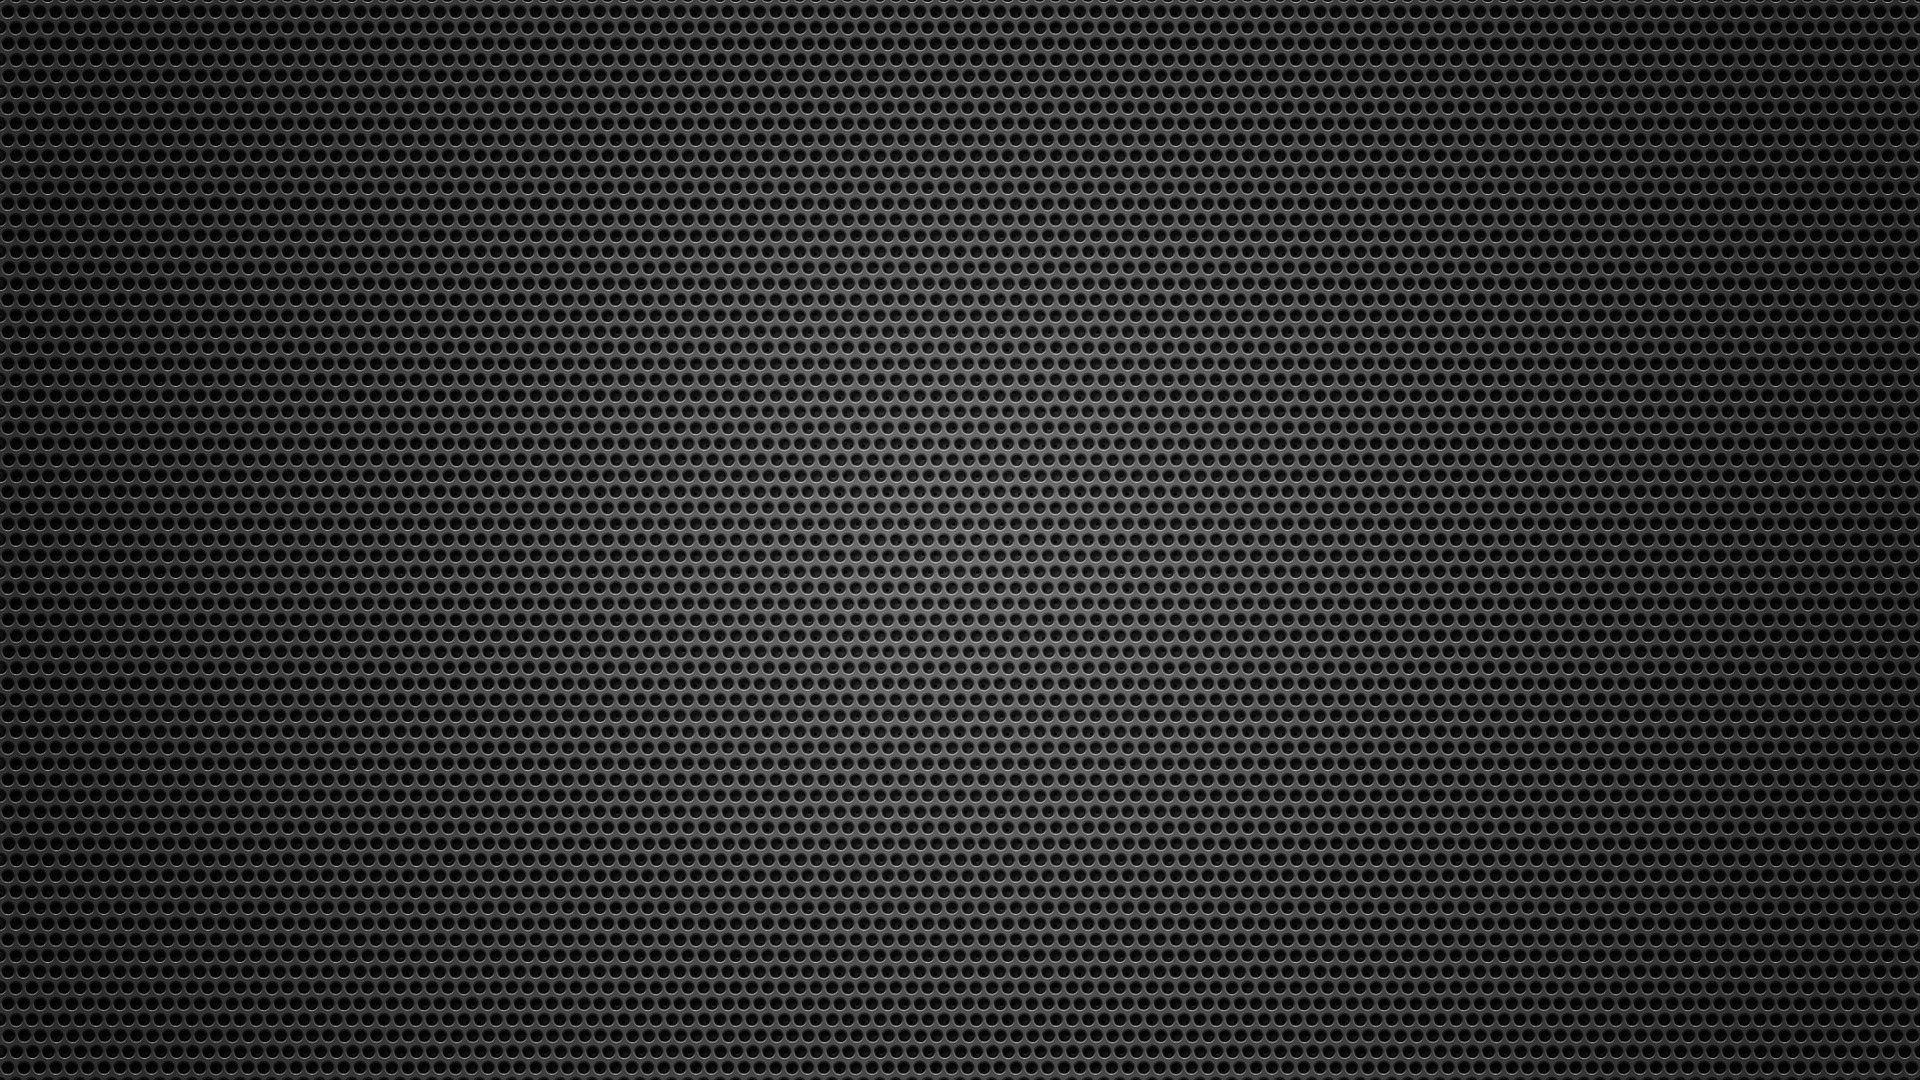 69356 Protetores de tela e papéis de parede Metal em seu telefone. Baixe Escuro, Círculos, Textura, Texturas, Superfície, Rede, Grade, Metal fotos gratuitamente